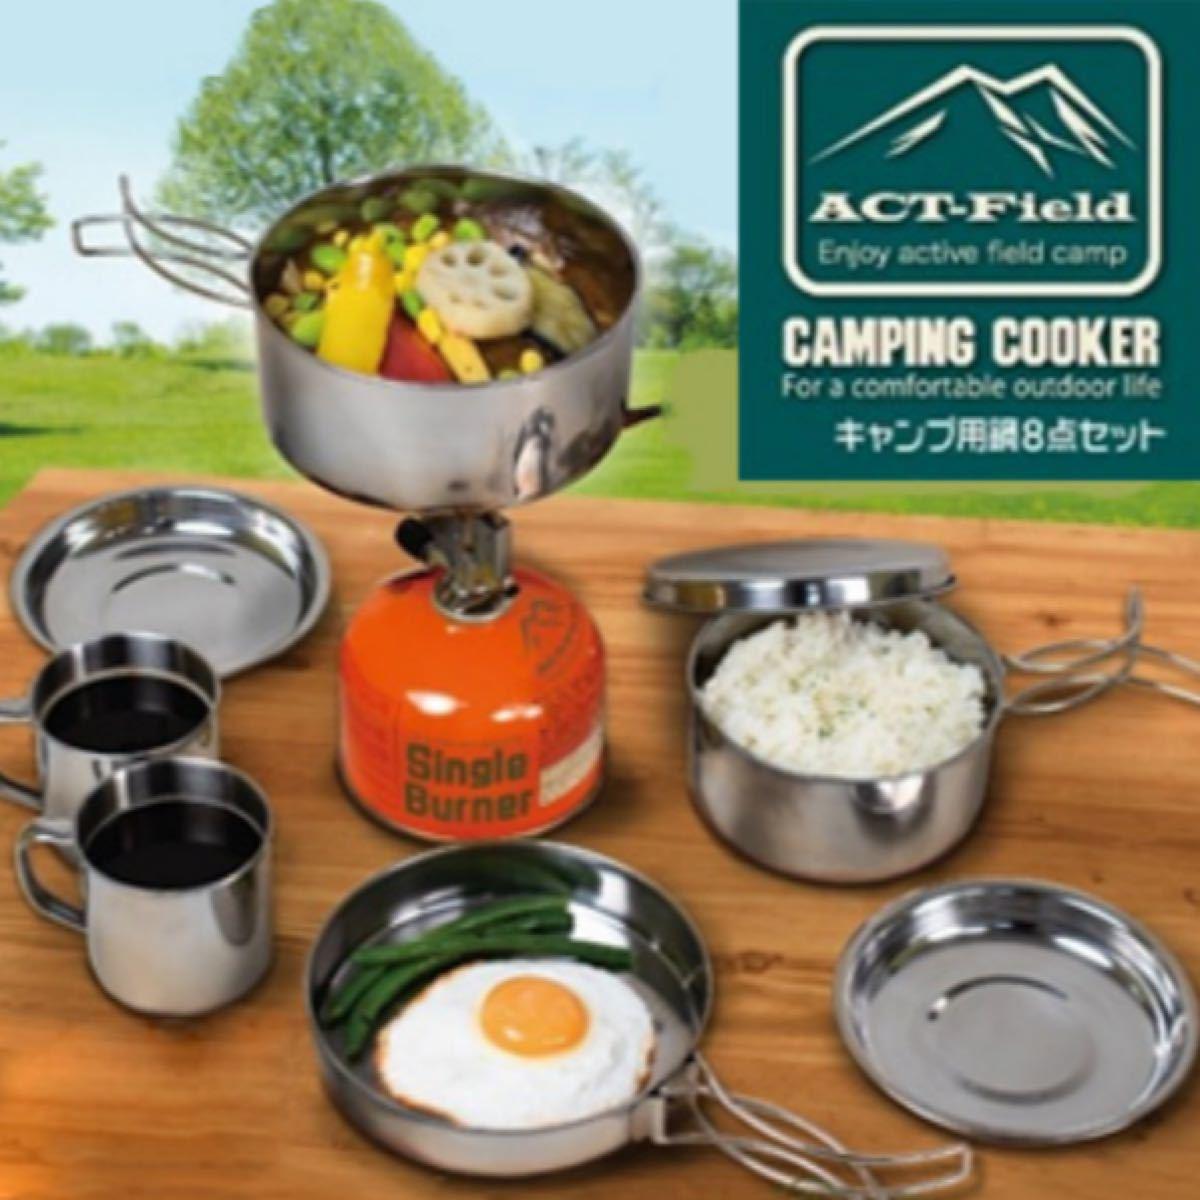 ACT-FIELDキャンプ用鍋8点セット 鍋&皿&マグカップ&収納袋 軽量で多用途とっても便利! キャンプ/アウトドア/非常用に